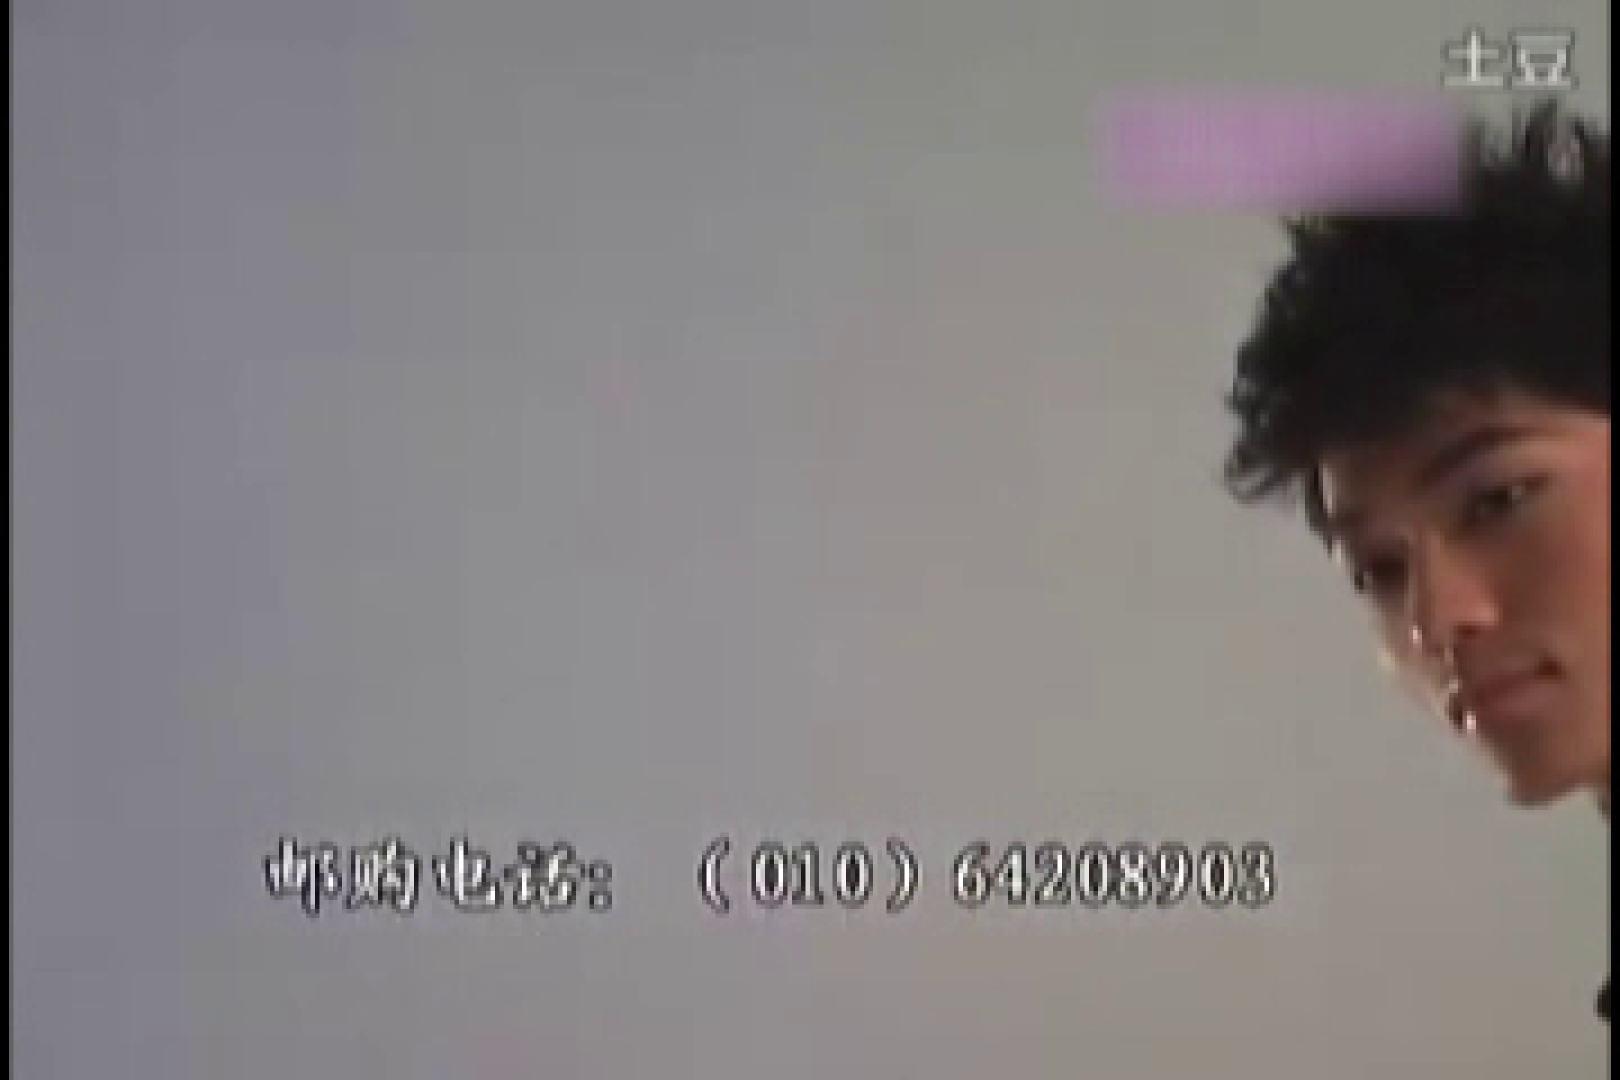 中出有名ゲイ雑誌★魅力●生★付録DVD収録スーパーモデルヌードvol6 ヌード | モデル ゲイ丸見え画像 51pic 1